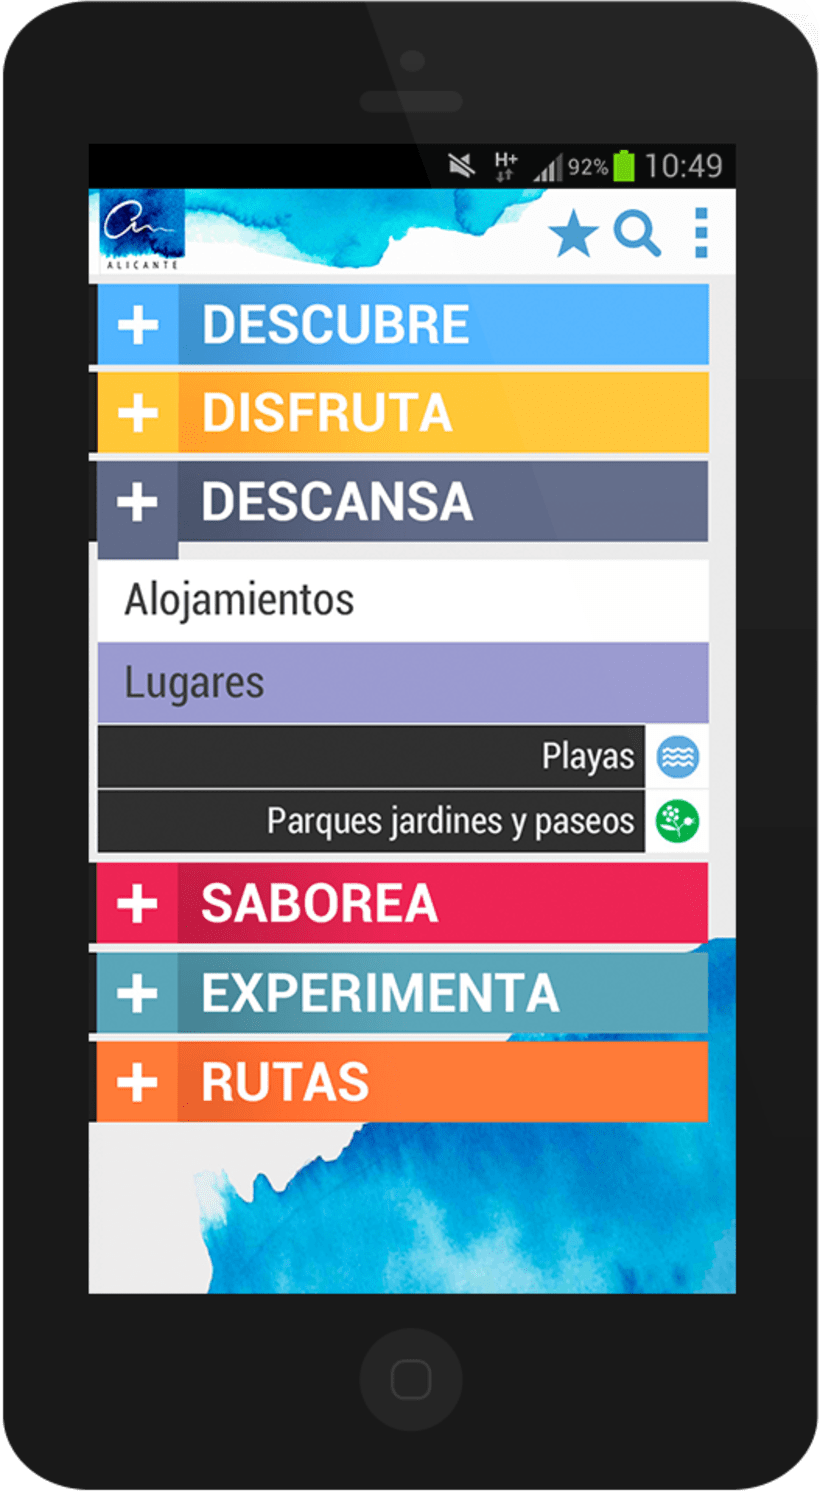 Alicante City mobile app 4